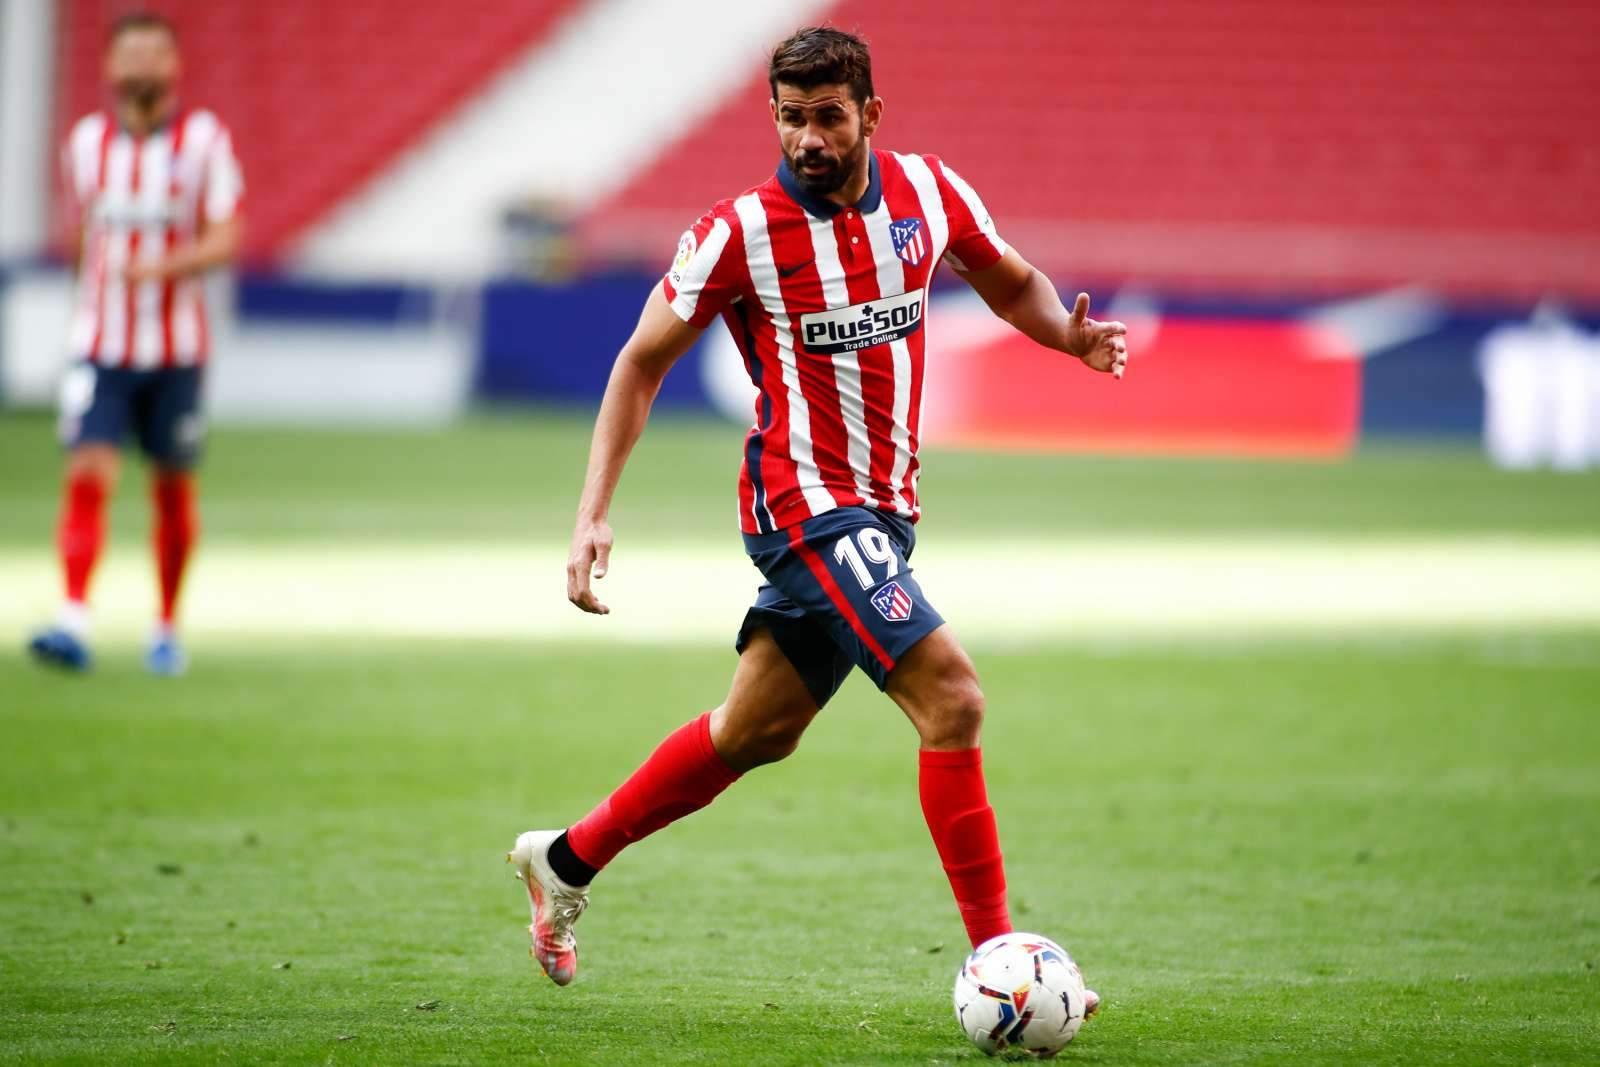 Диего Коста может продолжить карьеру в Саудовской Аравии